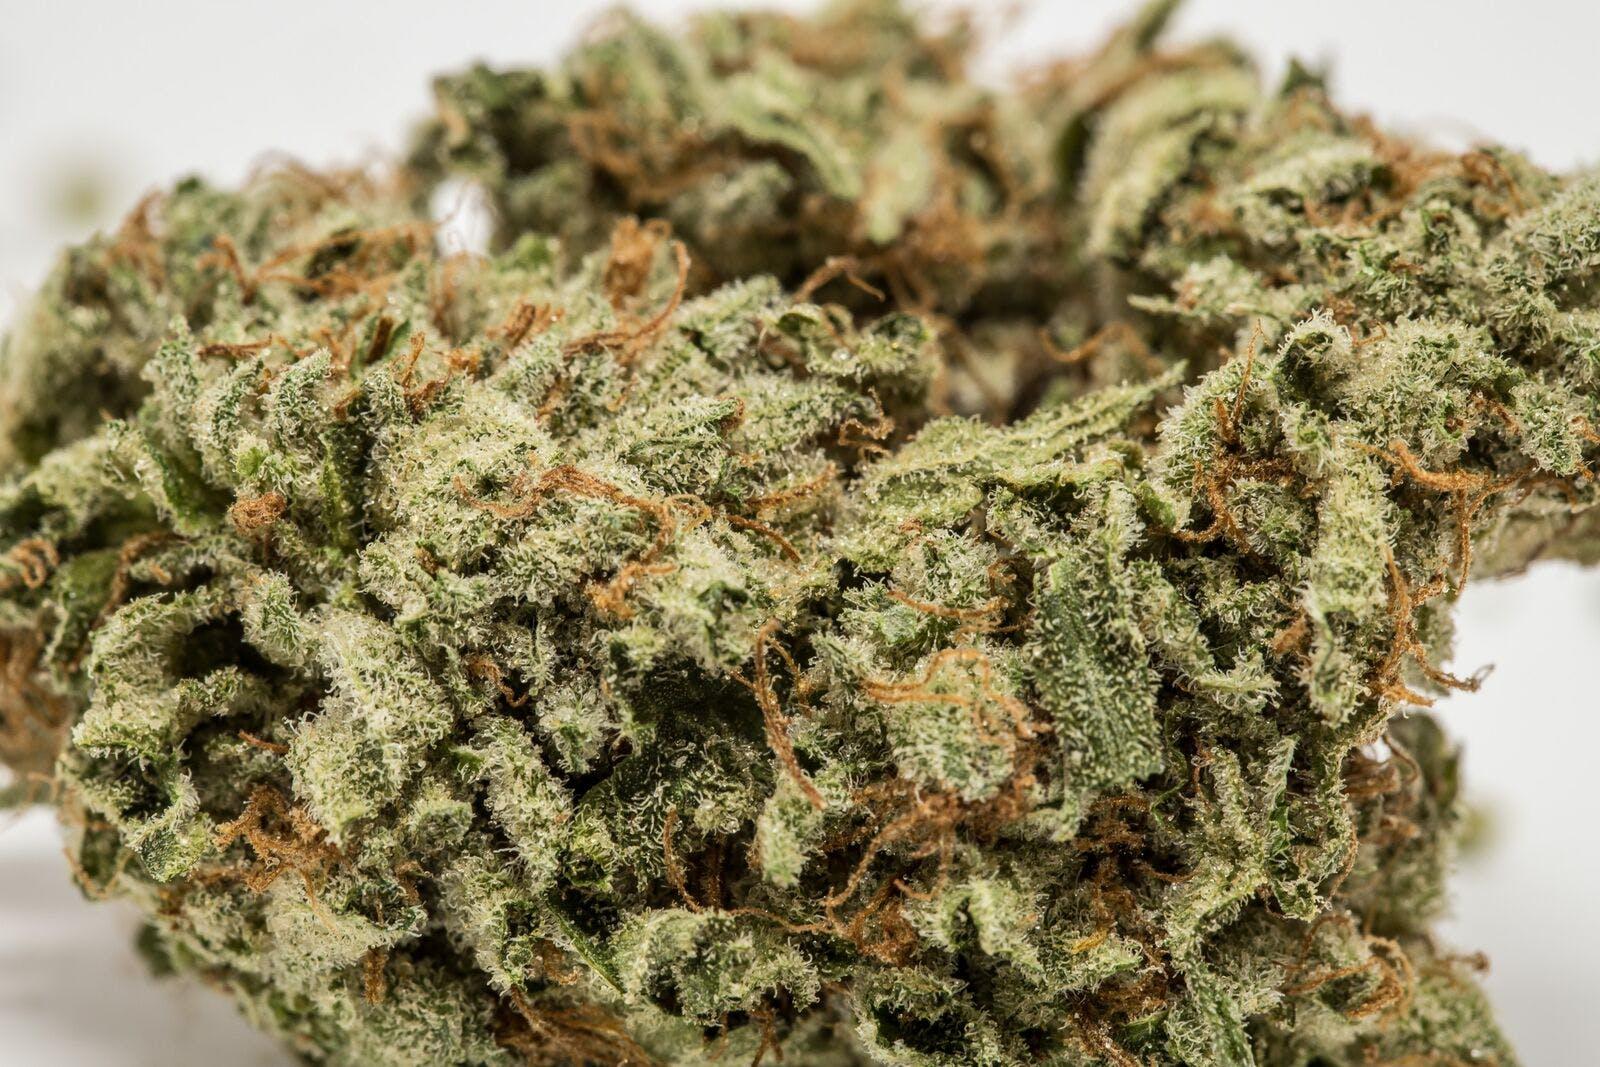 LA Kush Weed; LA Kush Cannabis Strain; LA Kush Hybrid Marijuana Strain